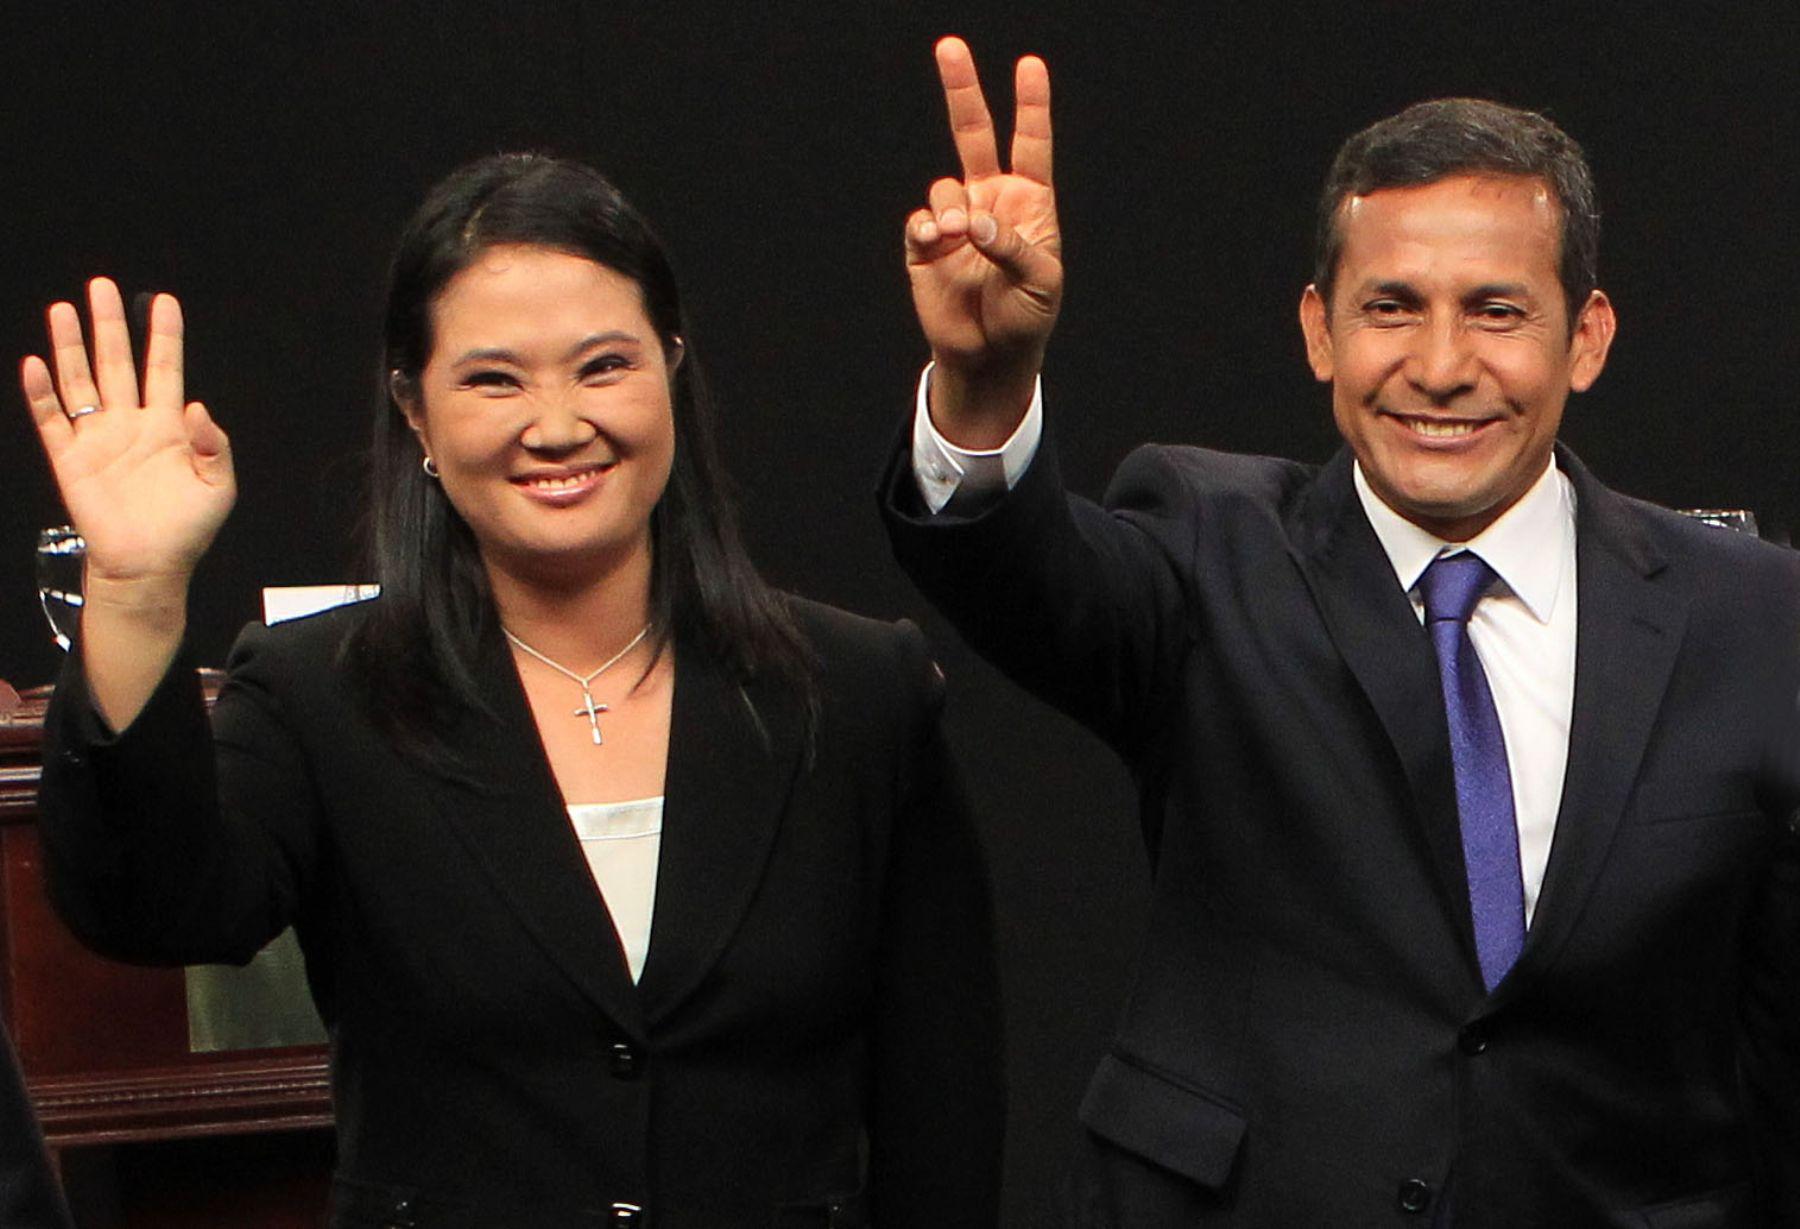 Fotografía de Ollanta Humala y Keiko Fujimori